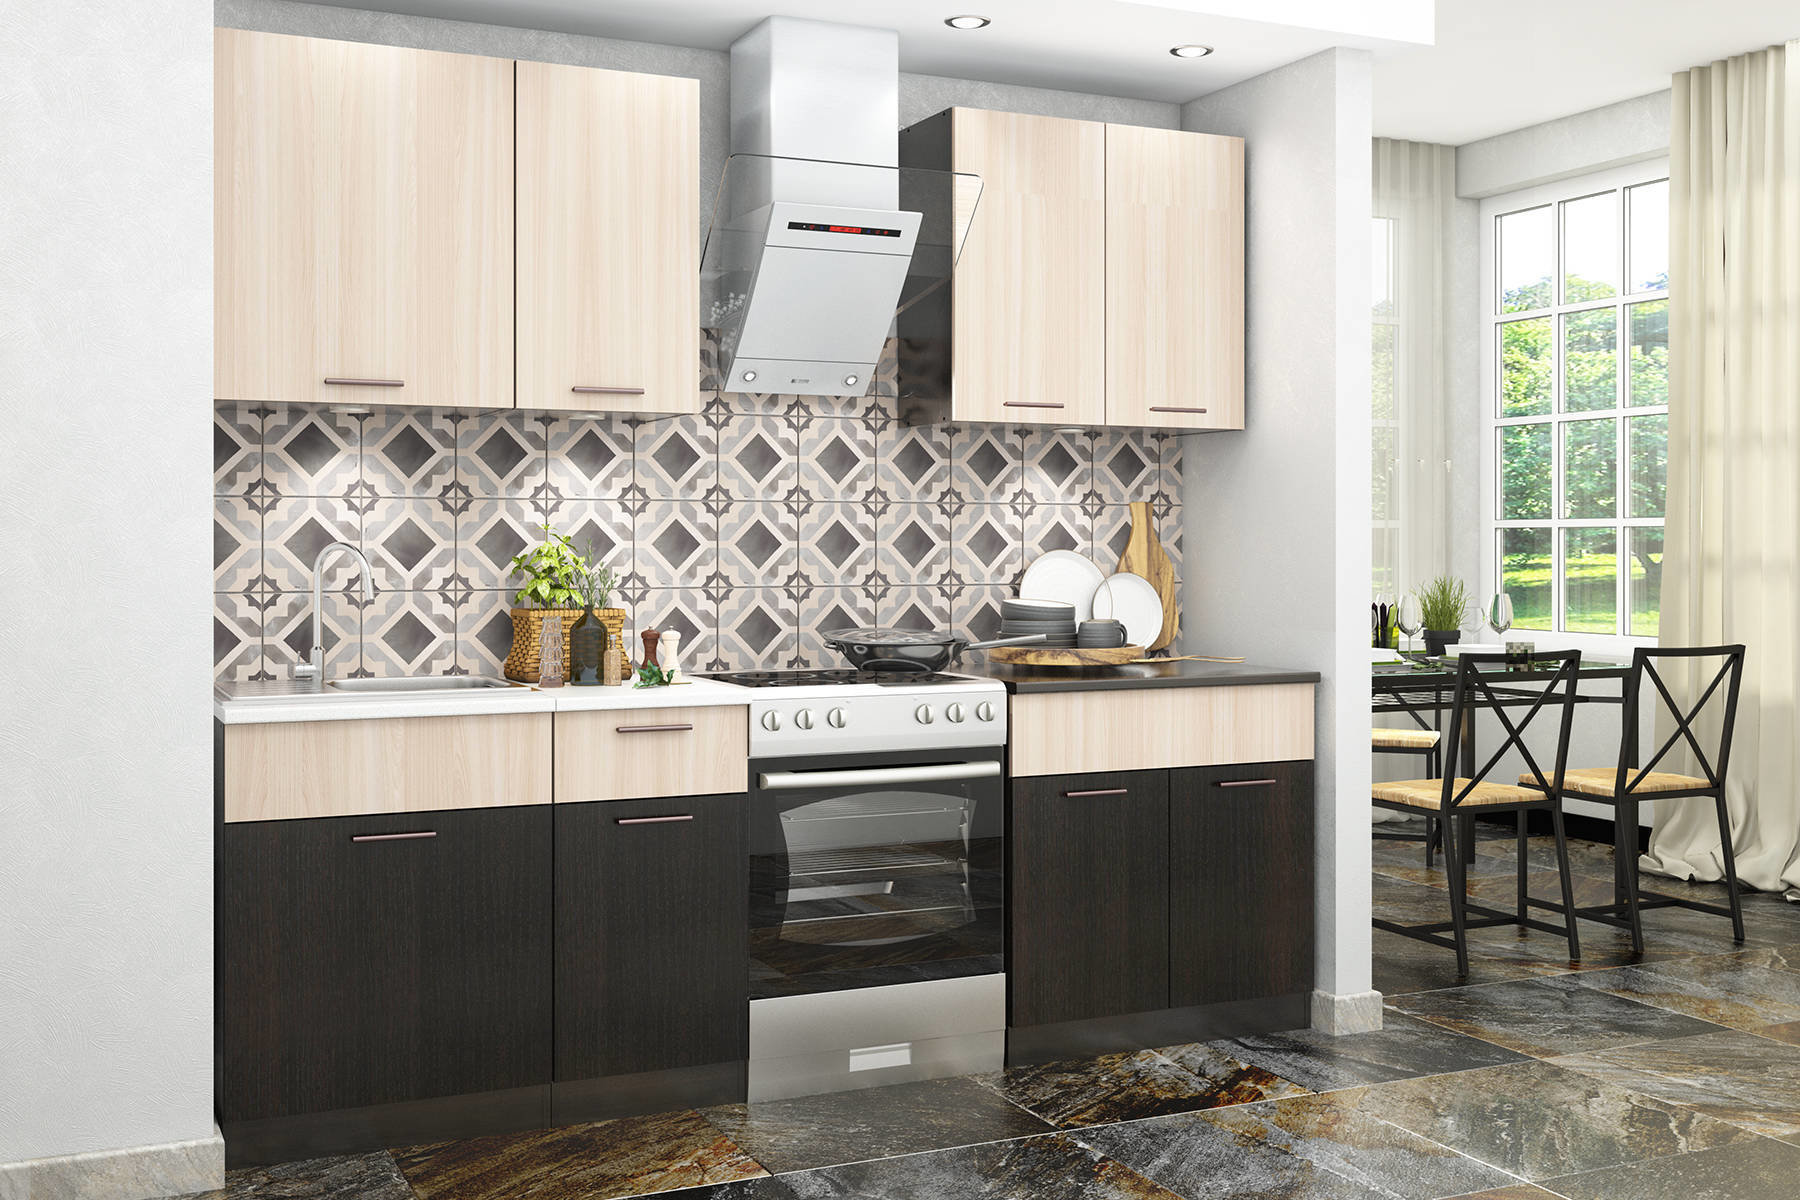 Кухонный гарнитур Дуэт